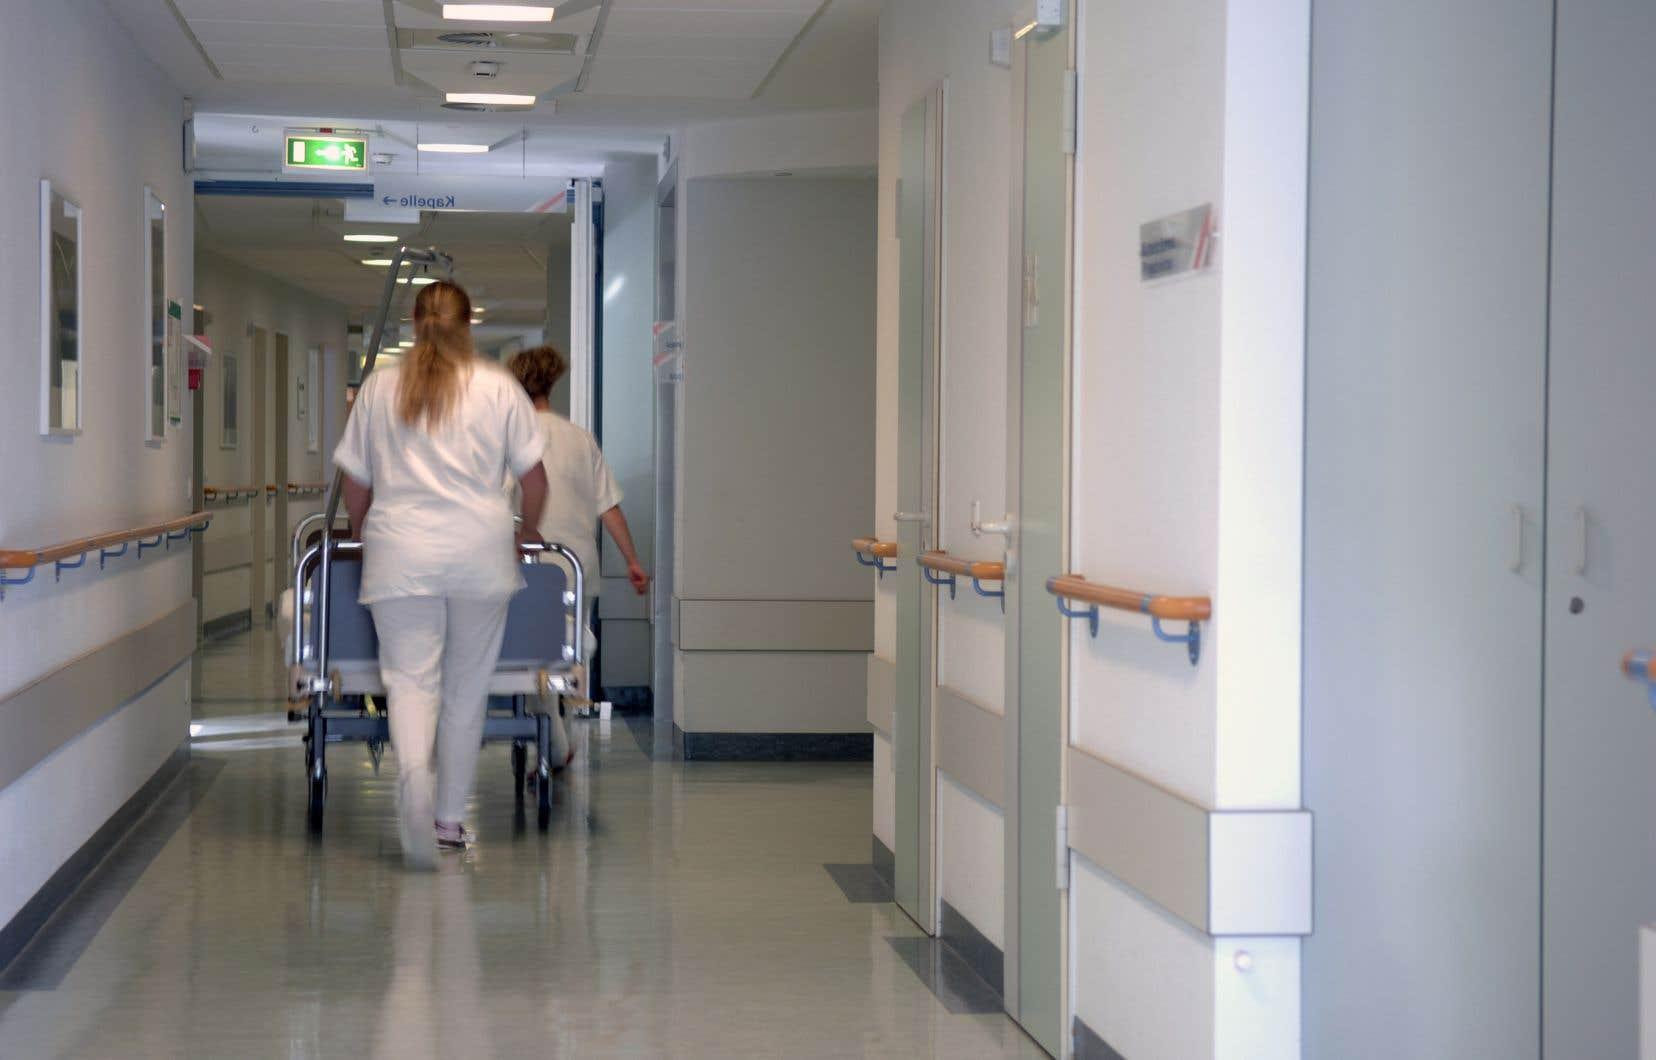 La ministre mise sur une entente «imminente» avec la Fédération des médecins spécialistes, qui garantira la venue de chirurgiens dans les hôpitaux ruraux lorsqu'on manquera de spécialistes sur place.